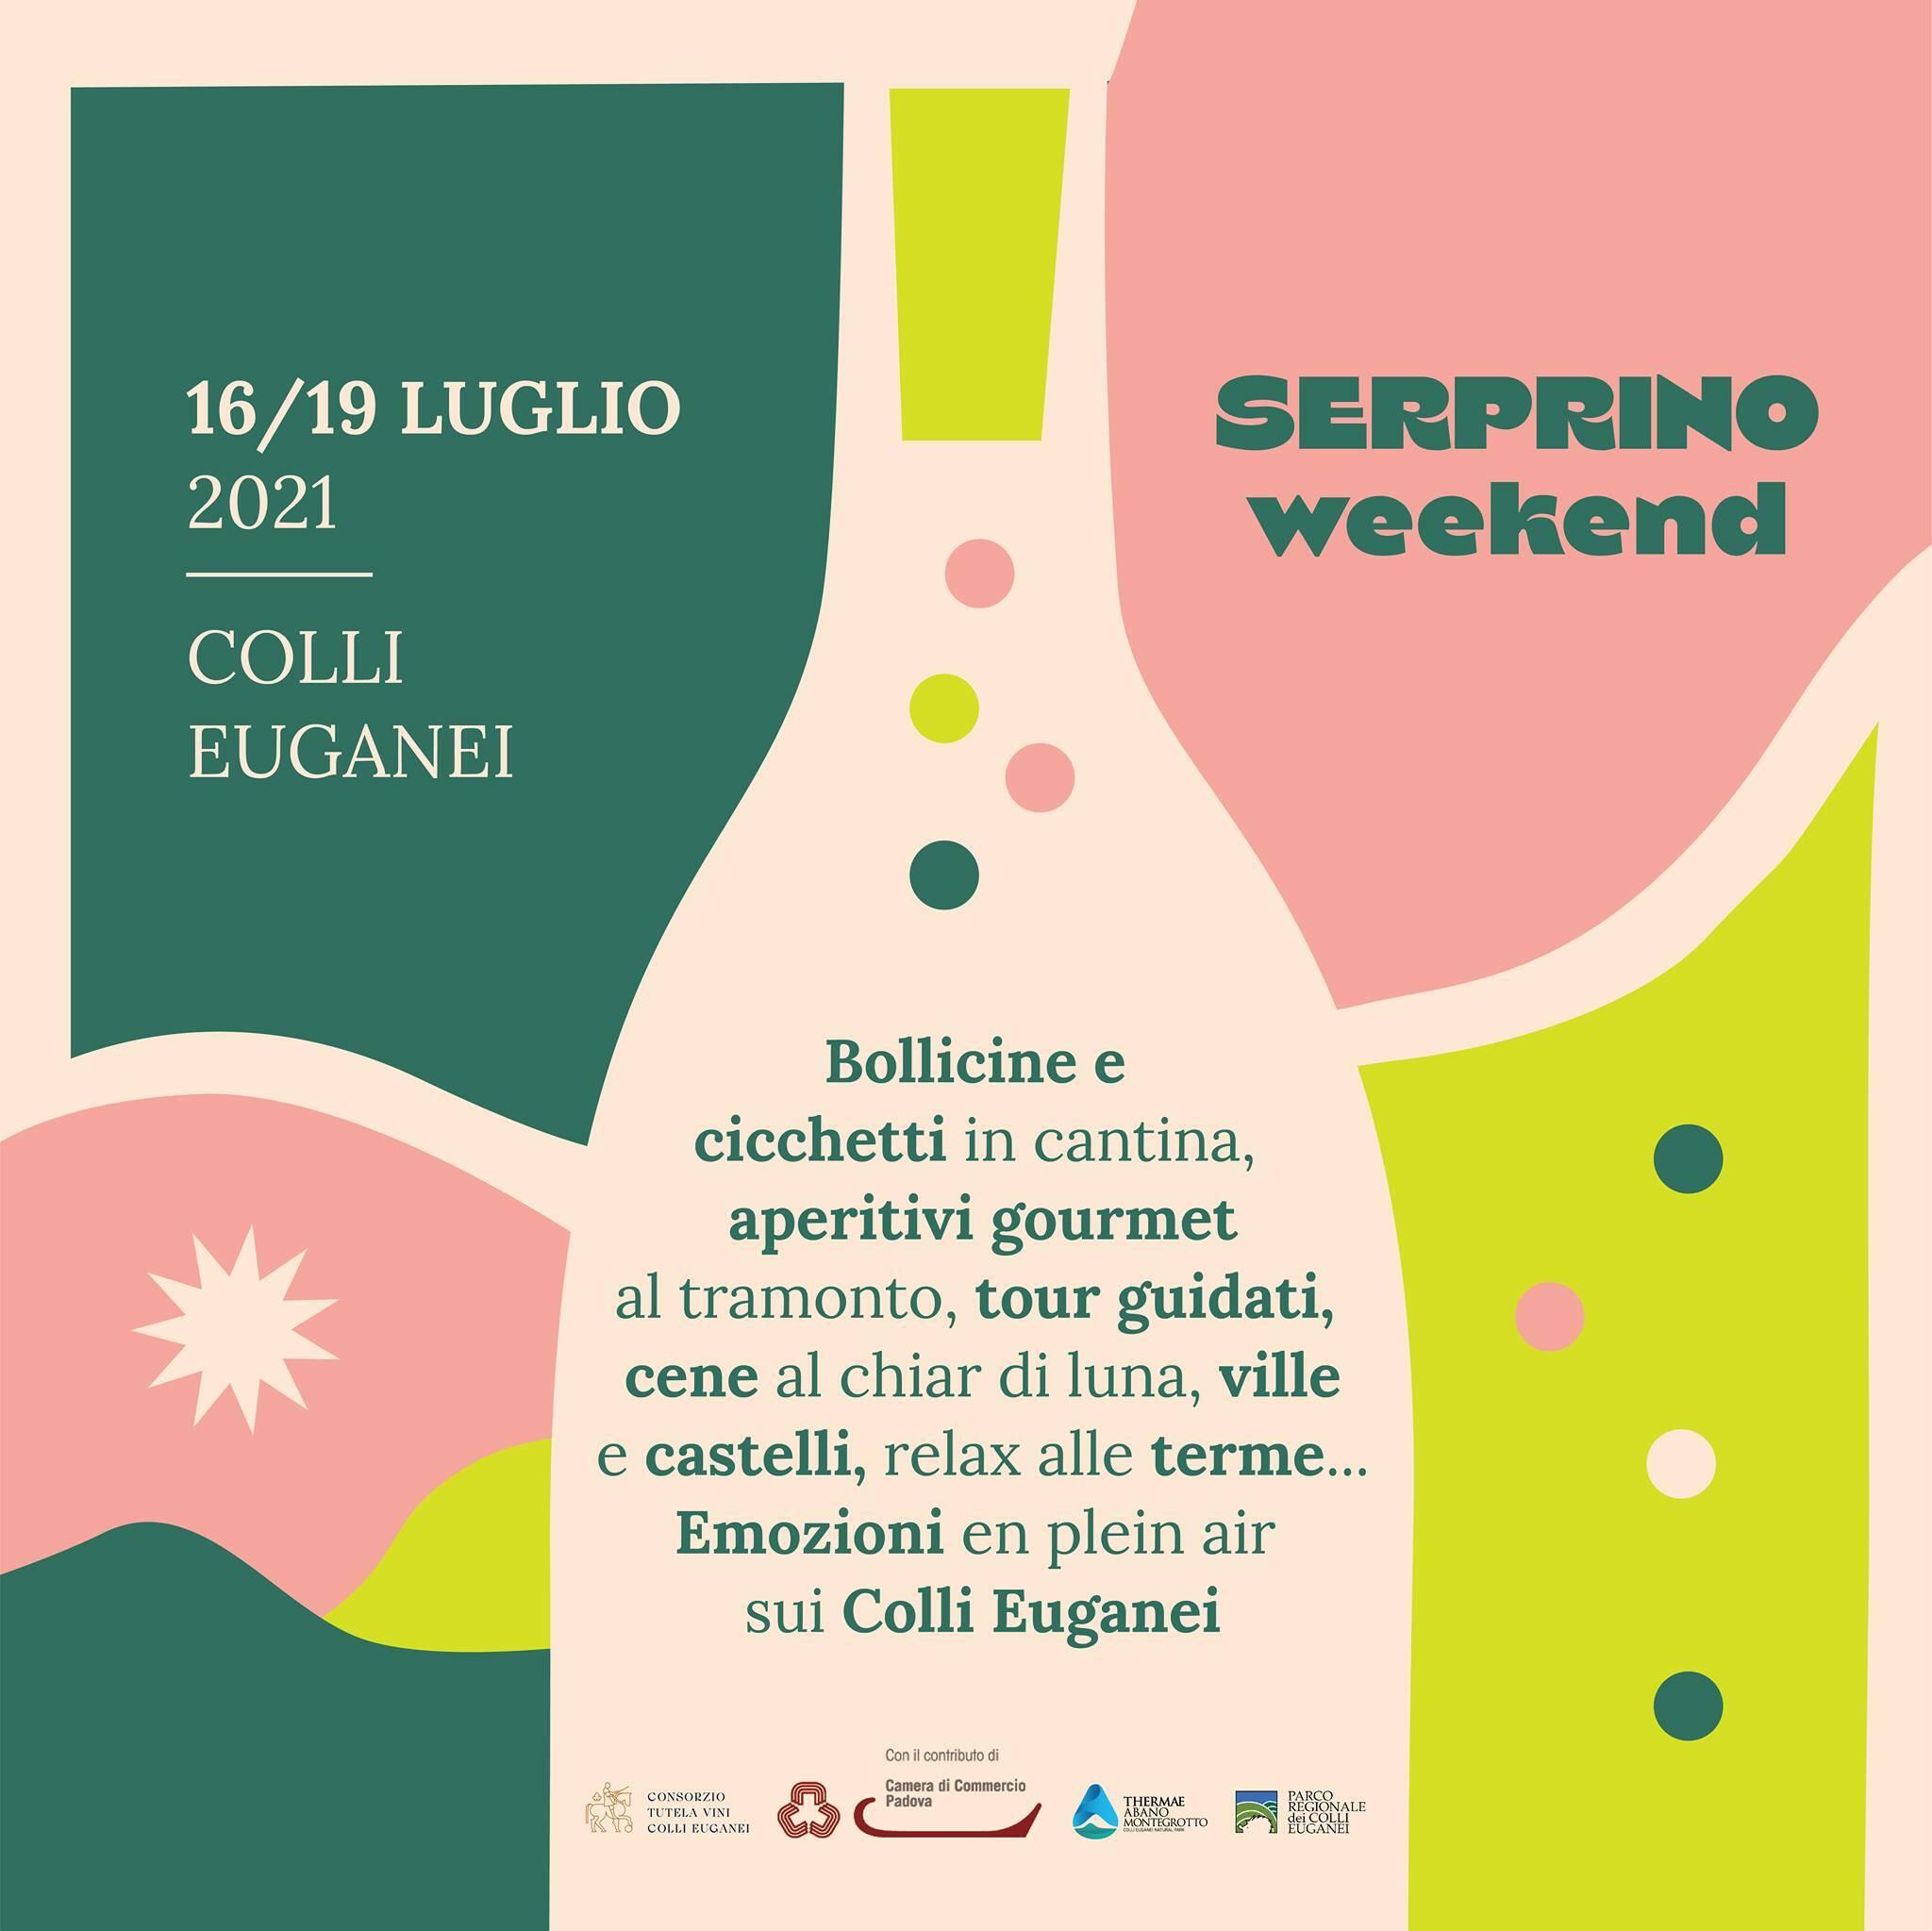 Abano.it   Serprino Weekend